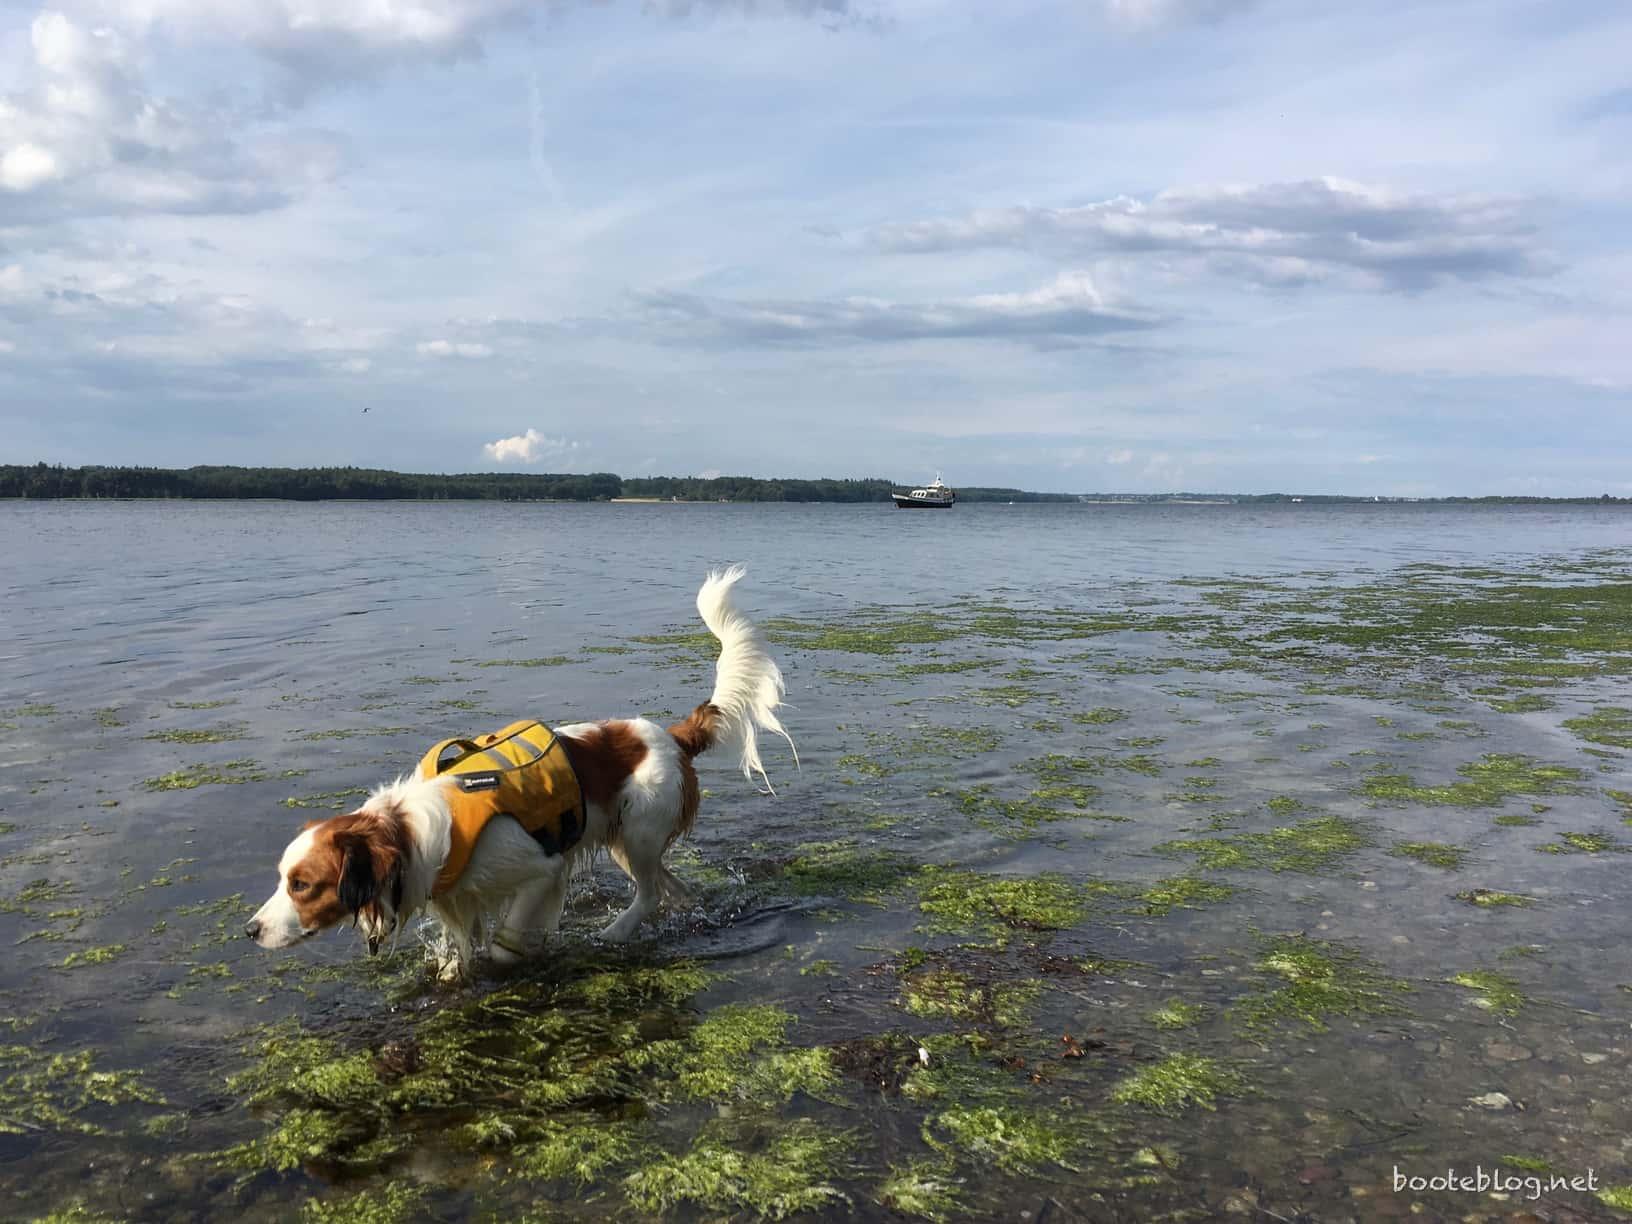 Ole tobt am Ufer von Tjaerø.